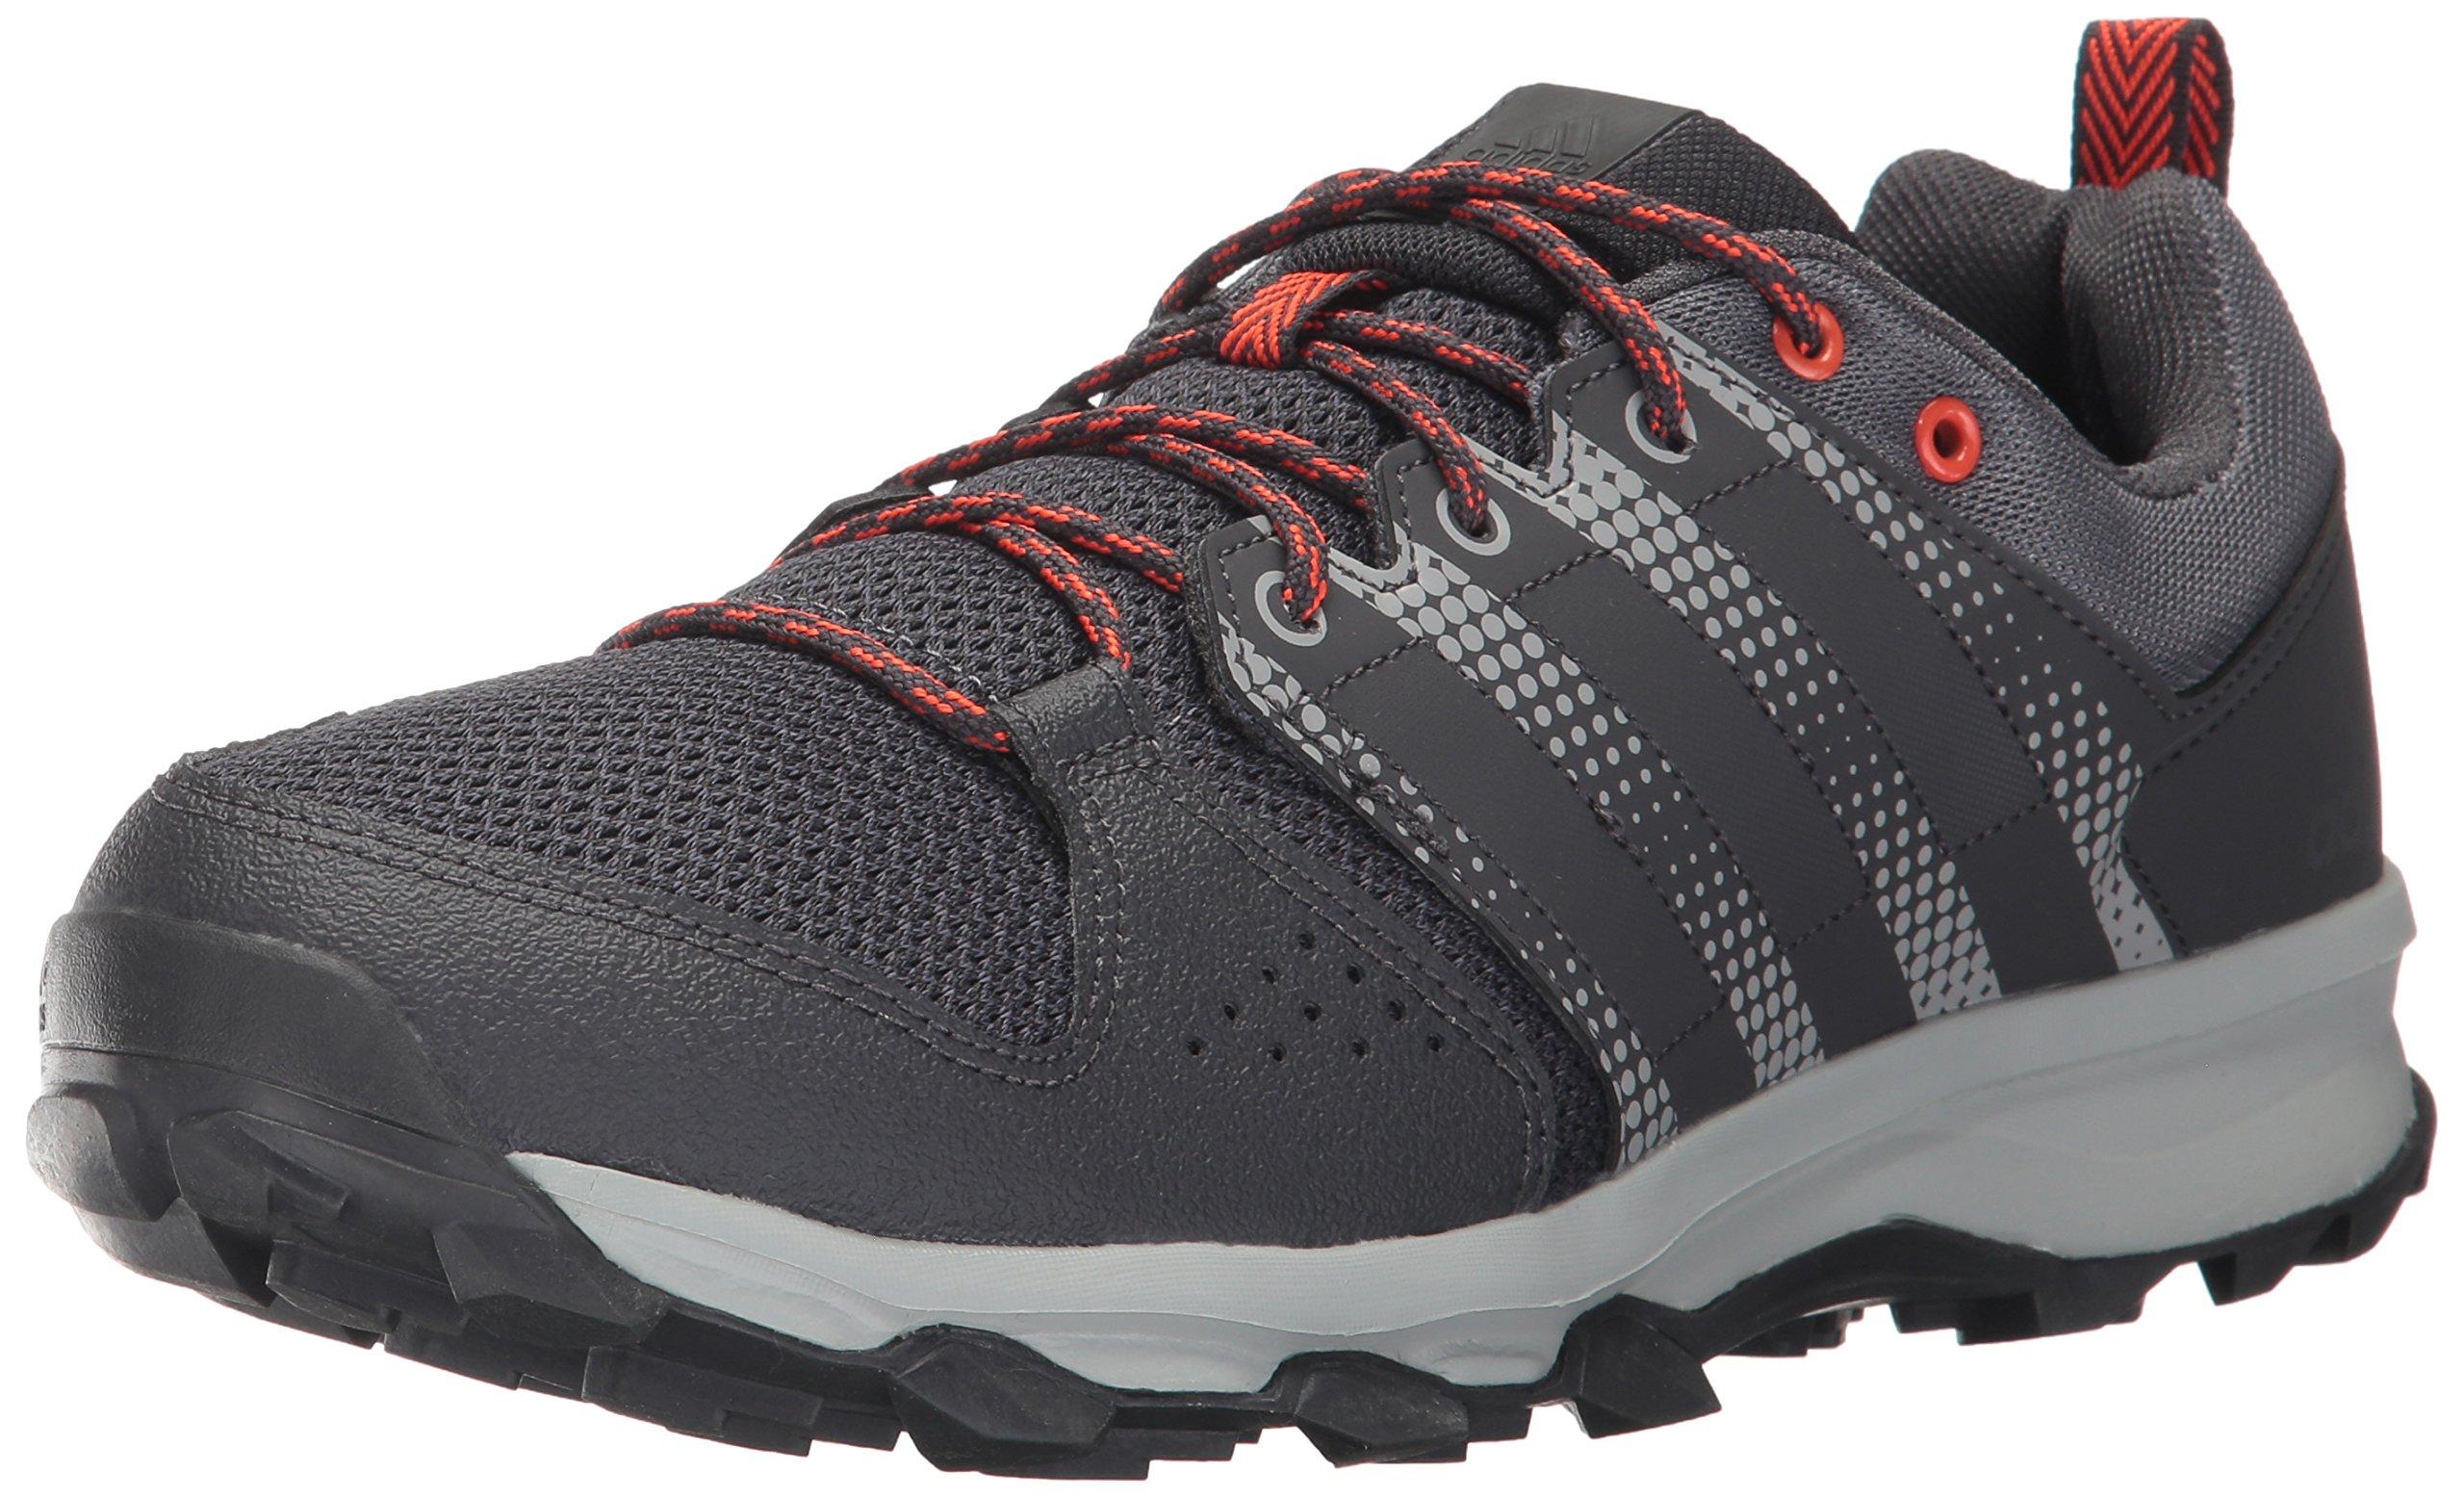 42a0bb407ee57 adidas Men s Galaxy M Trail Runner Running Shoe